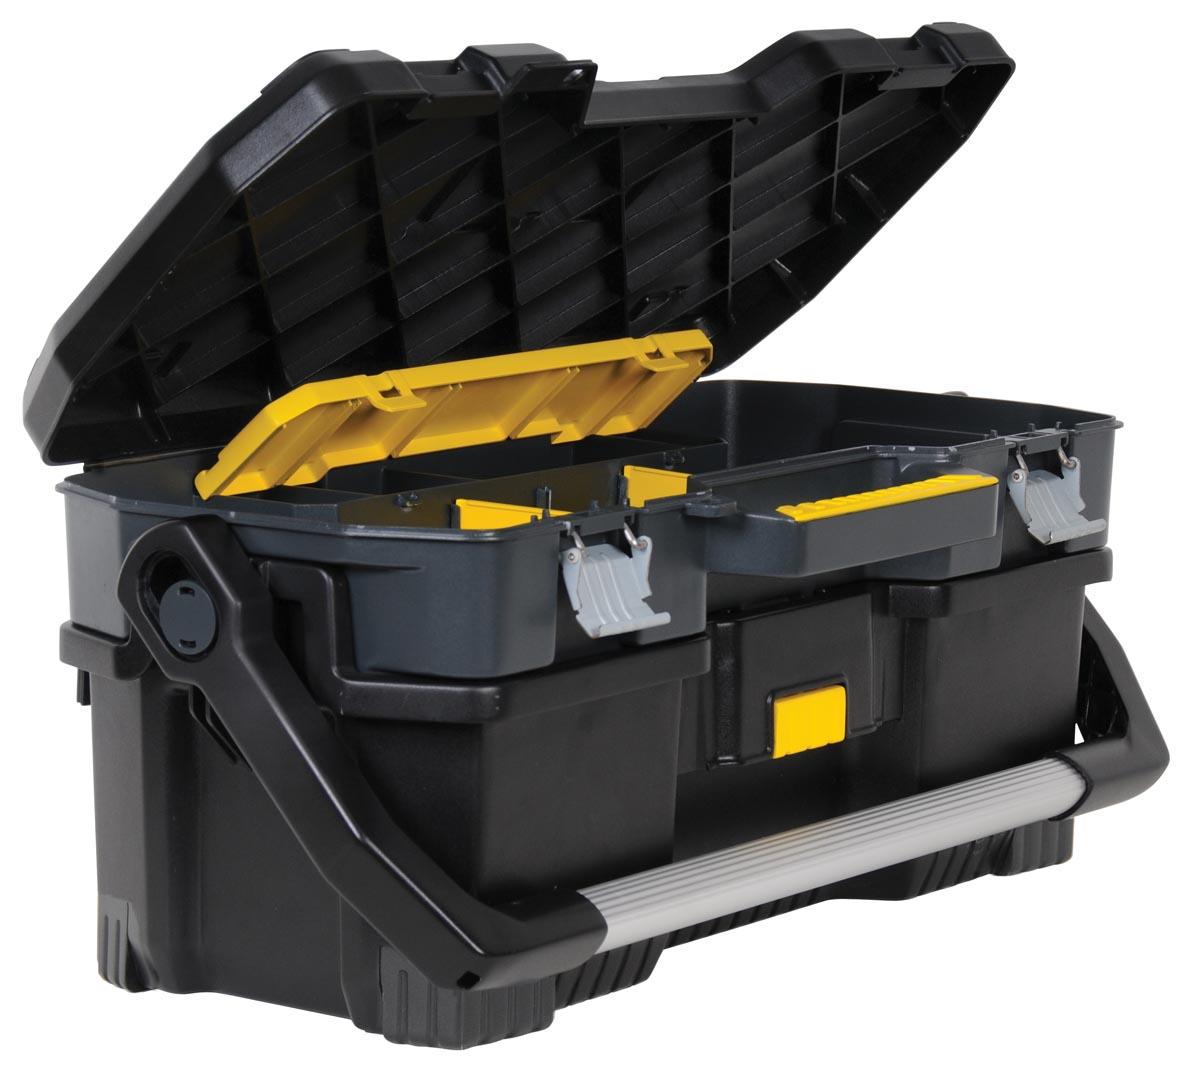 Stanley gereedschapsbak 24 inch, zwart